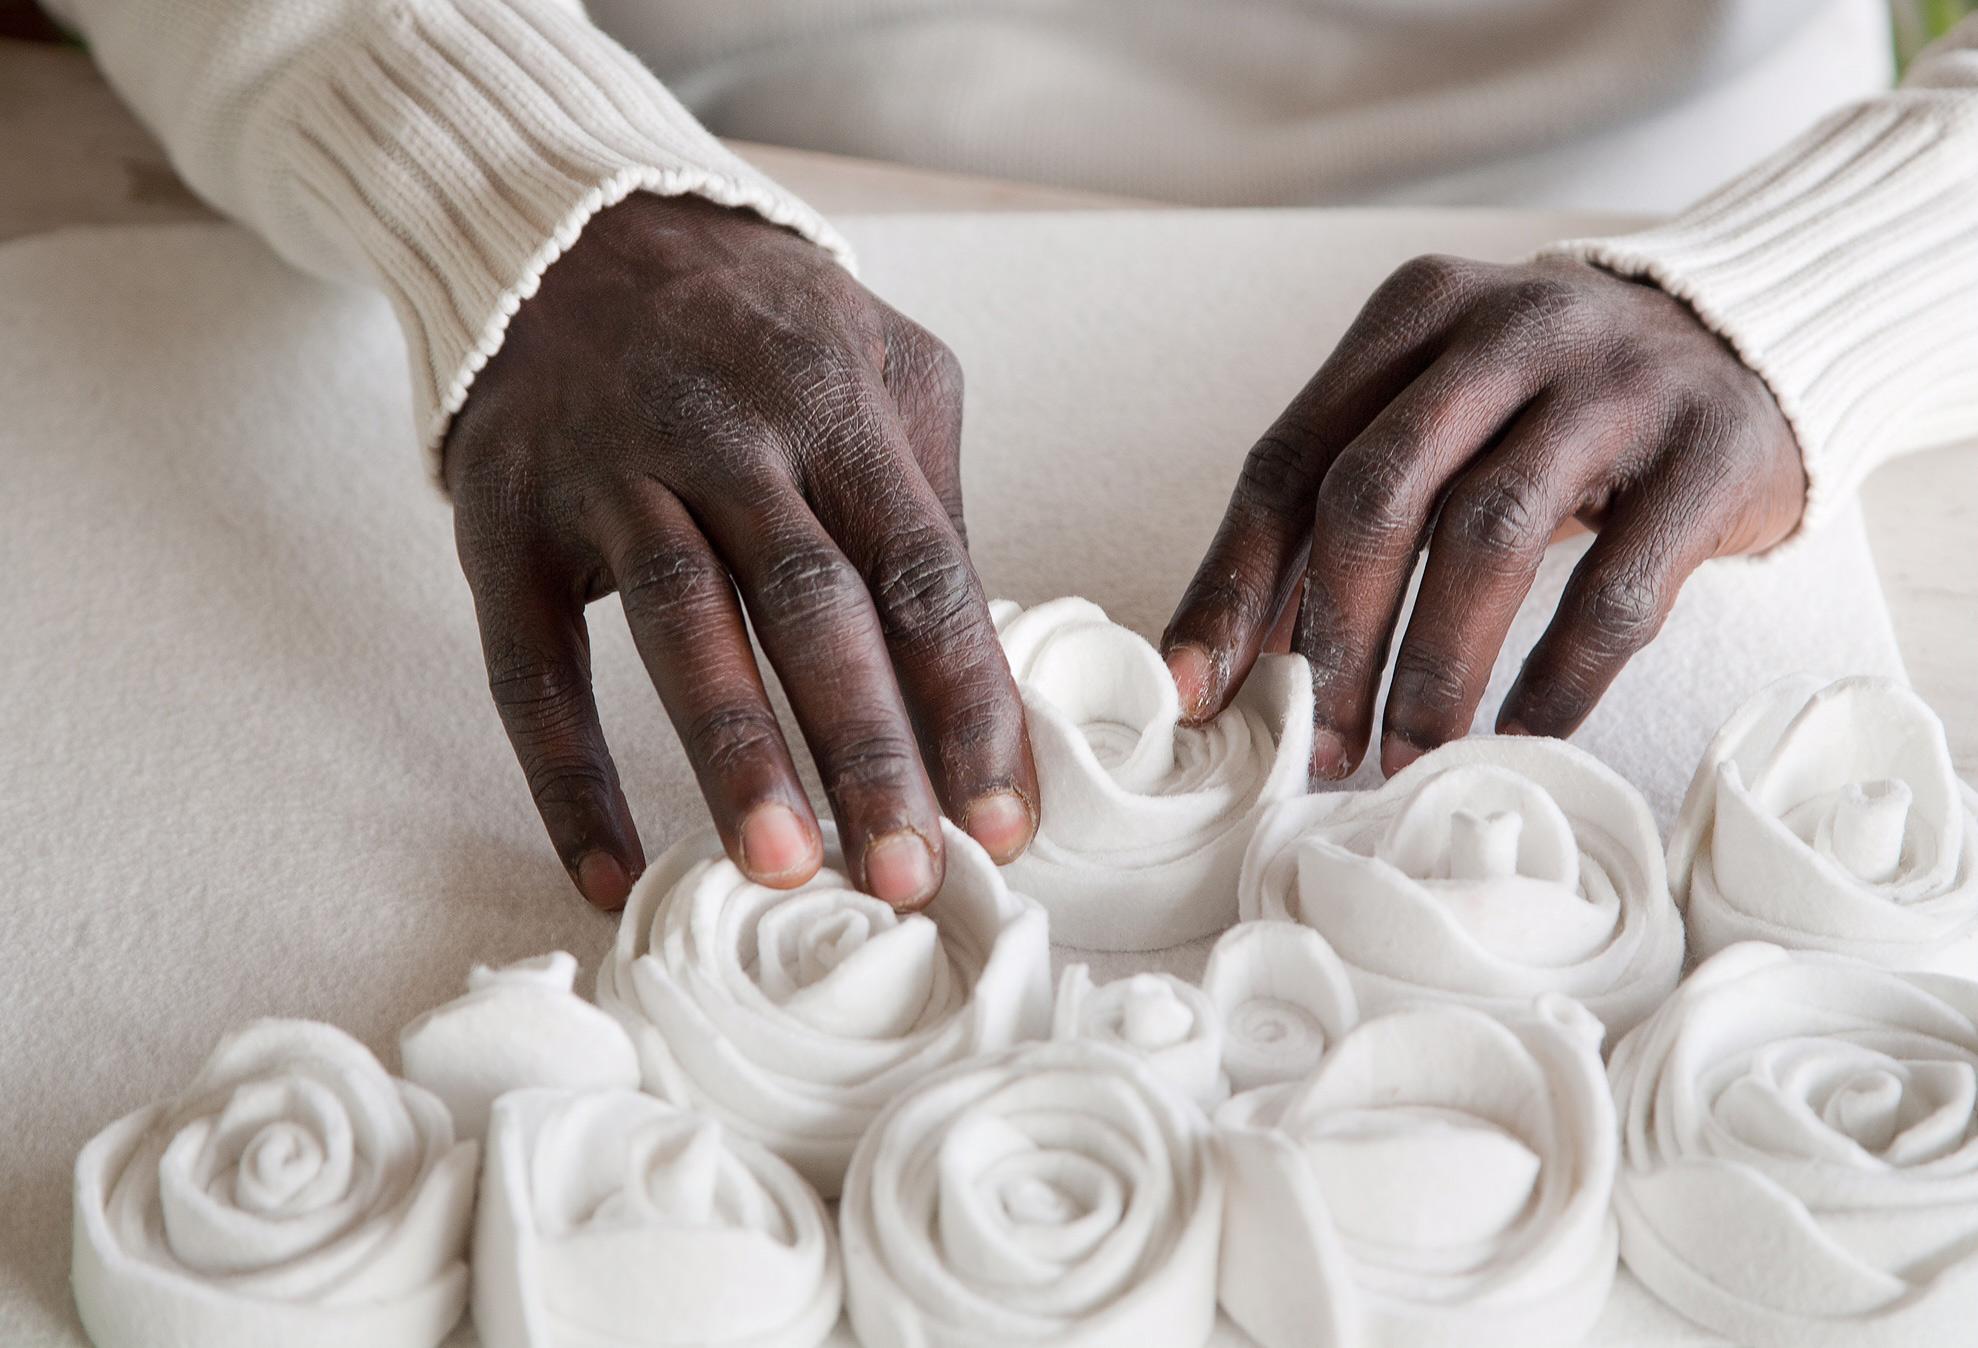 le Rose in feltro di 13Ricrea realizzate con materiale di recupero